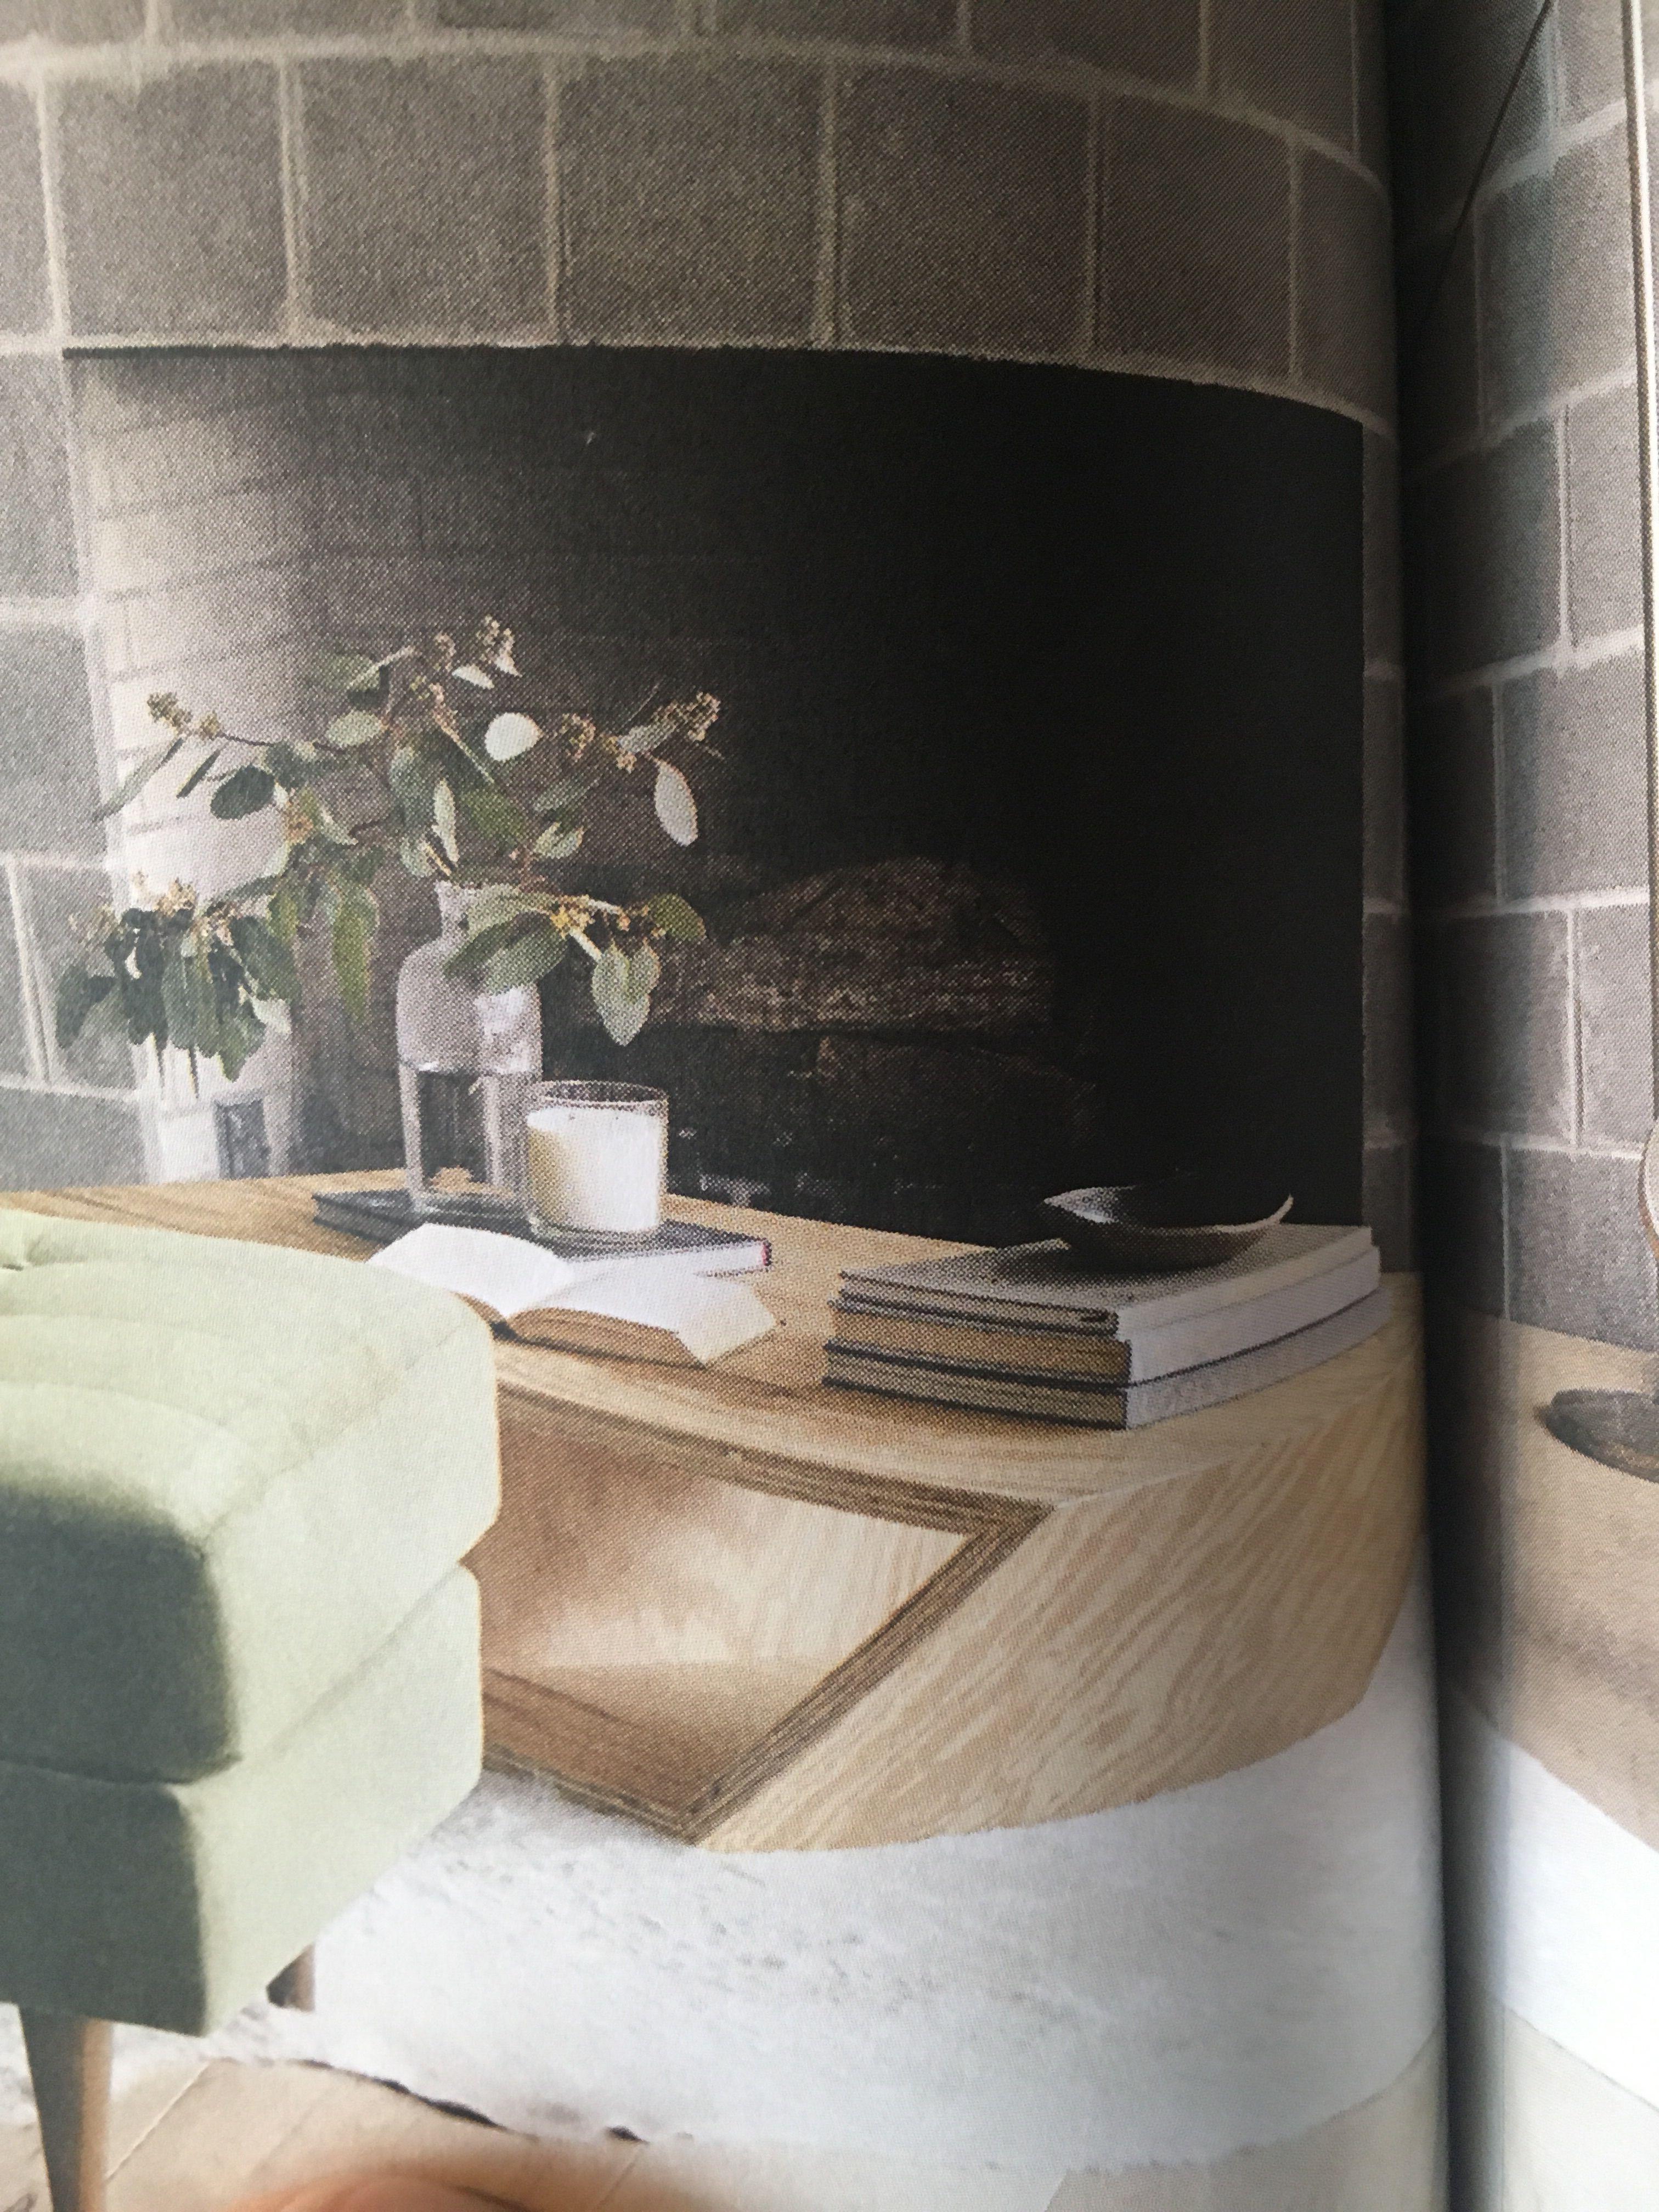 James Build A Wooden Lap Desk To Create A Cozy Floor Spot